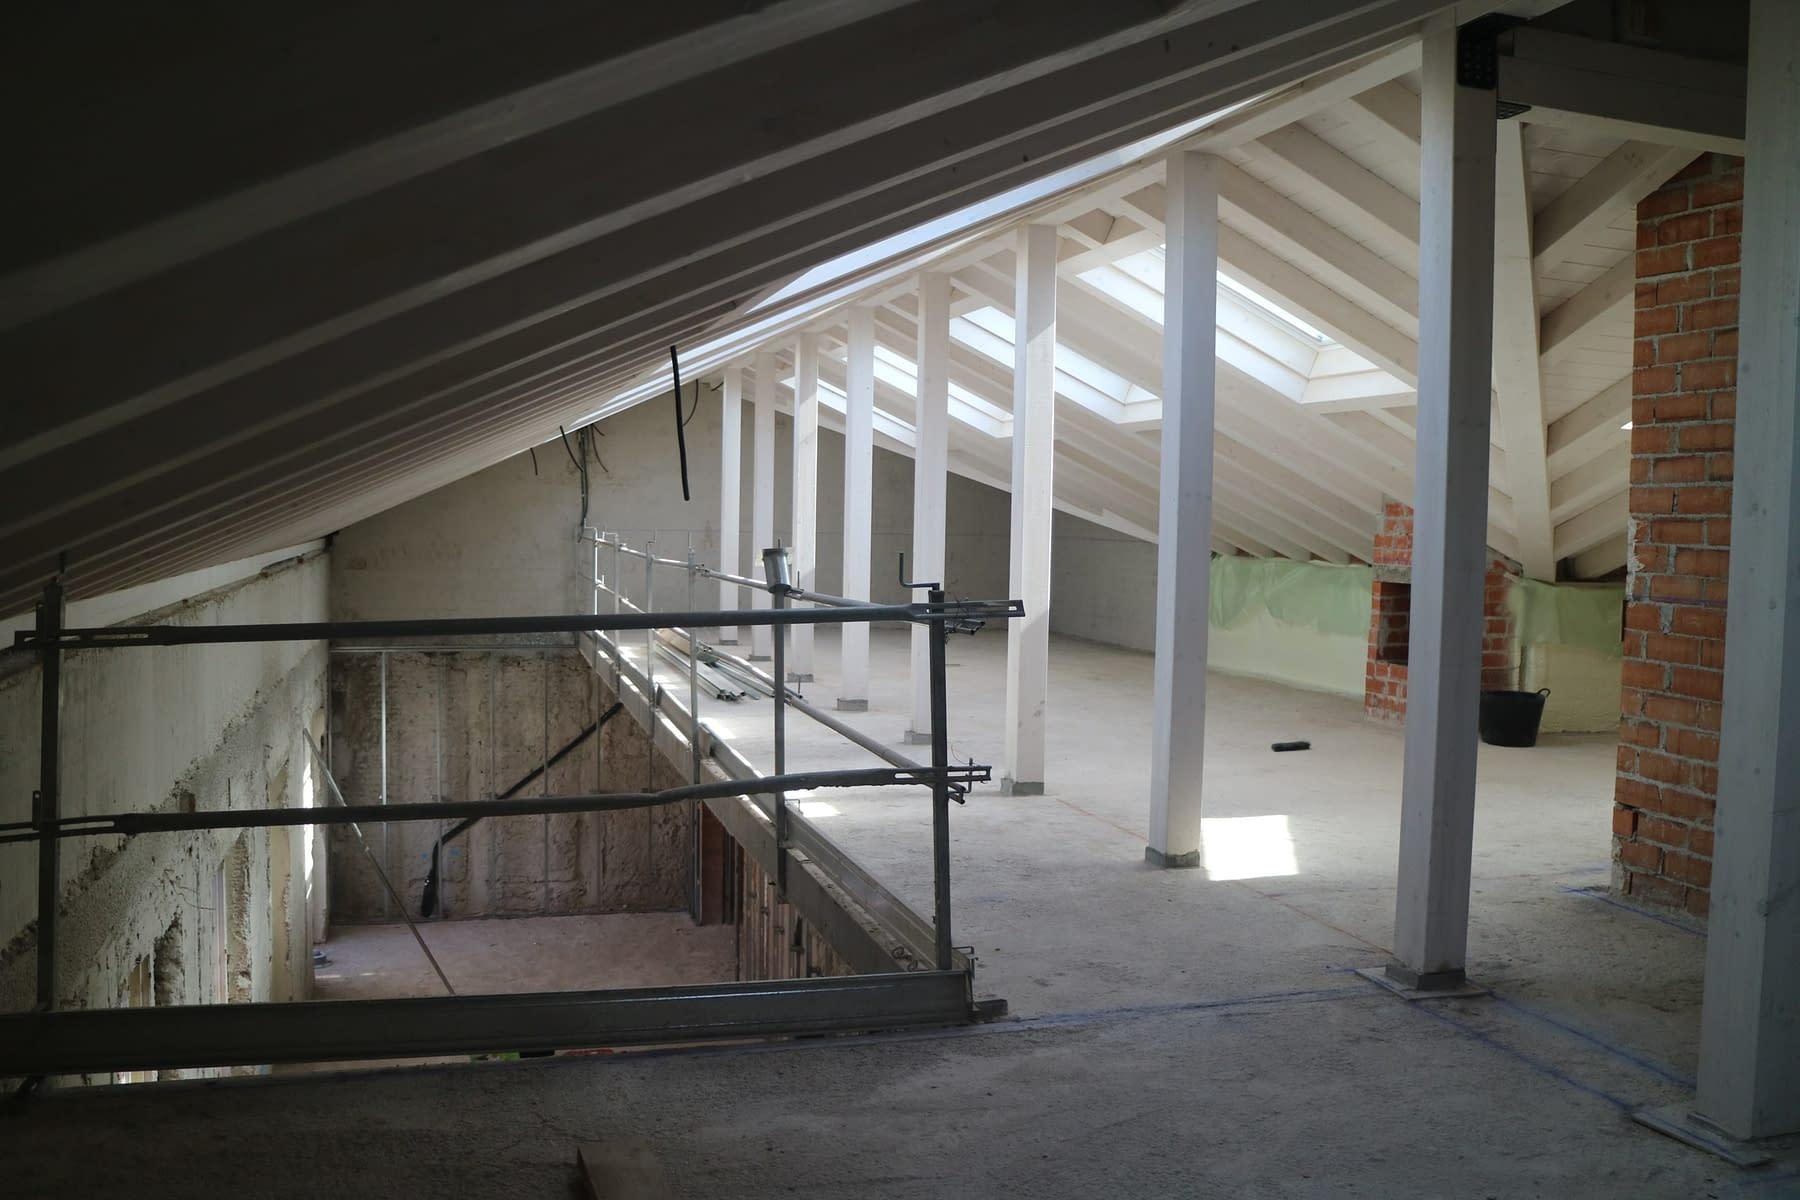 Rehabilitación integral edificio madrid Antonio Maura 8 (54)